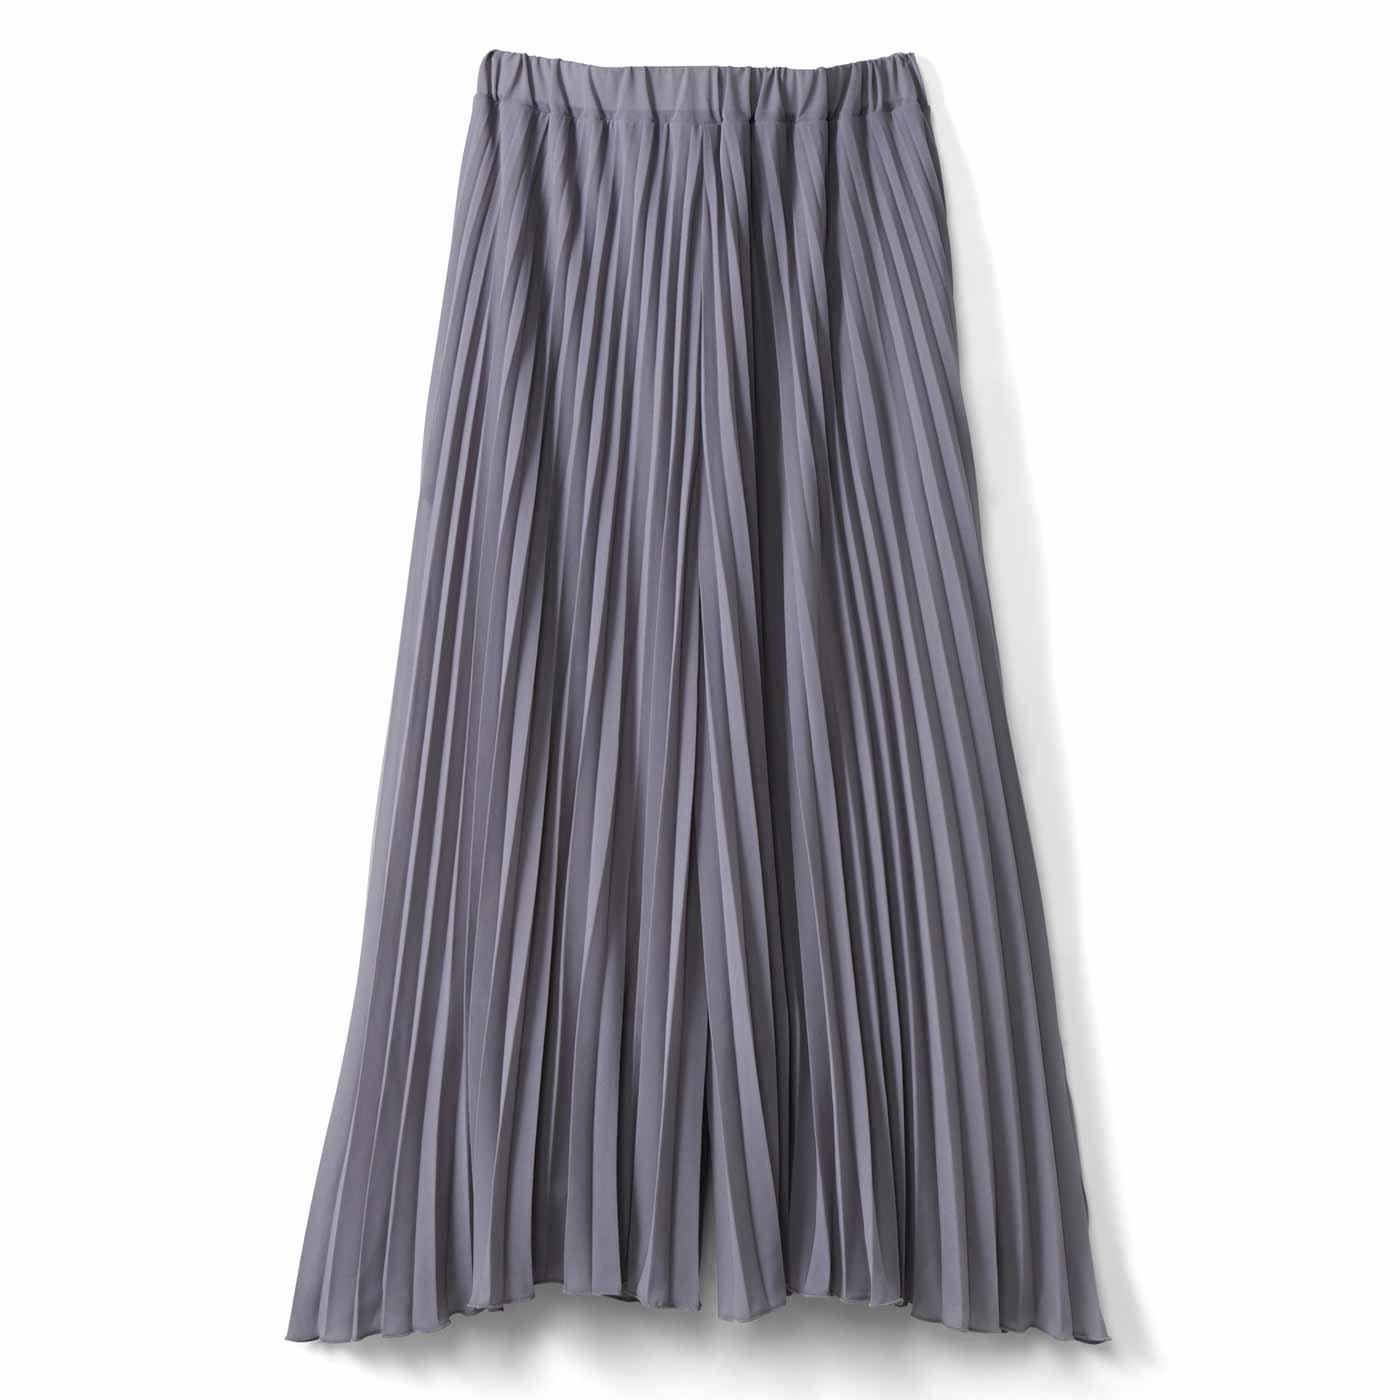 IEDIT[イディット] 吸汗速乾裏地付き しなやかプリーツスカート見えパンツ〈ライトグレー〉